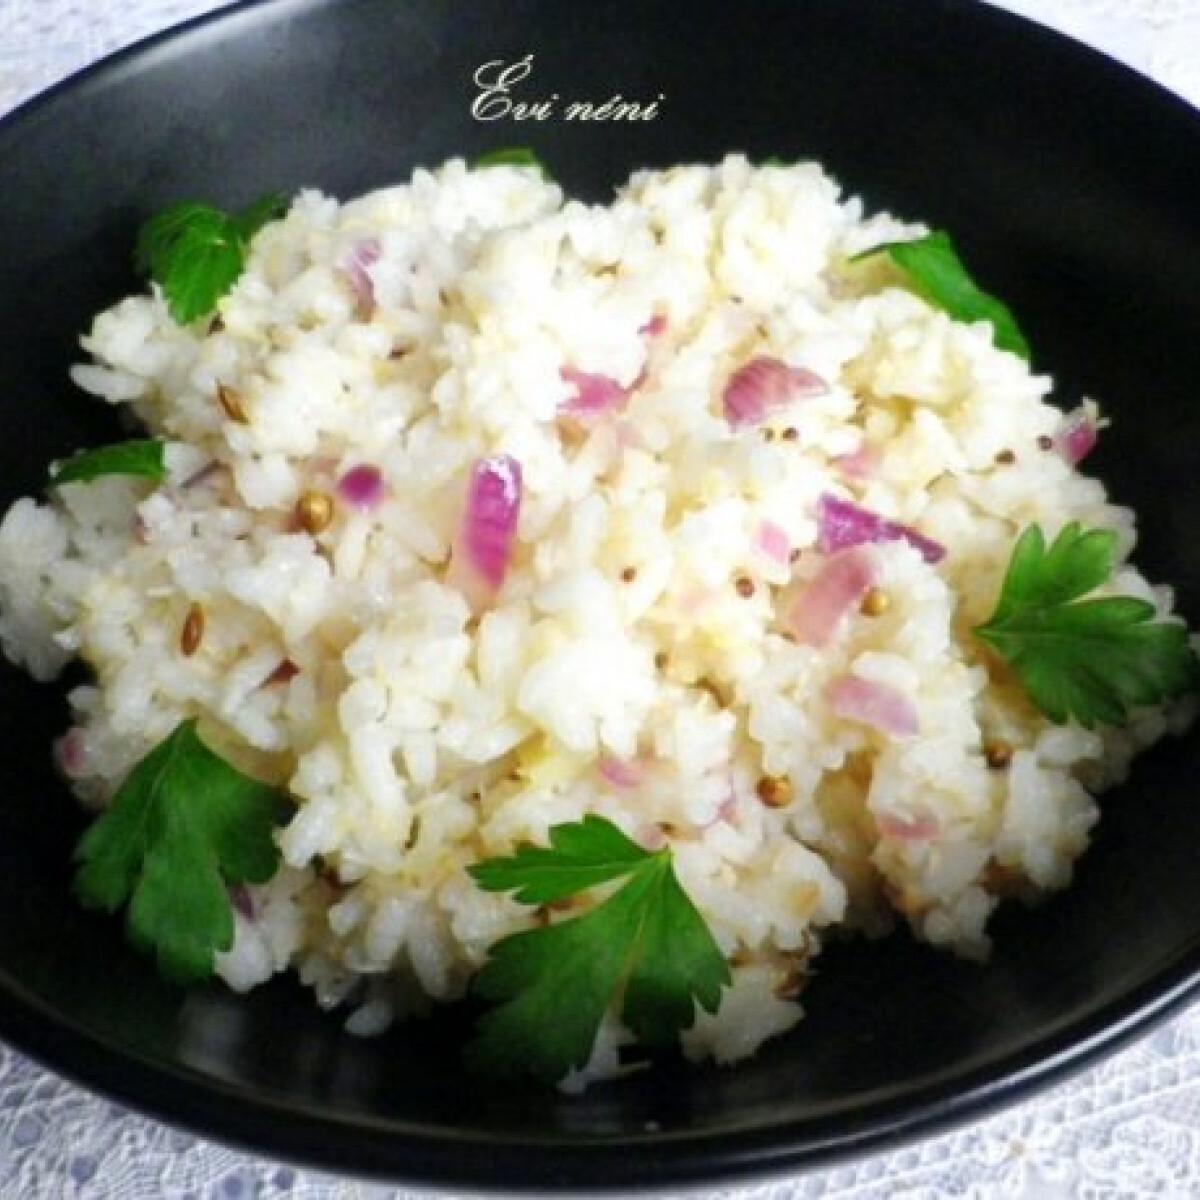 Kókuszos rizs Évi néni konyhájából